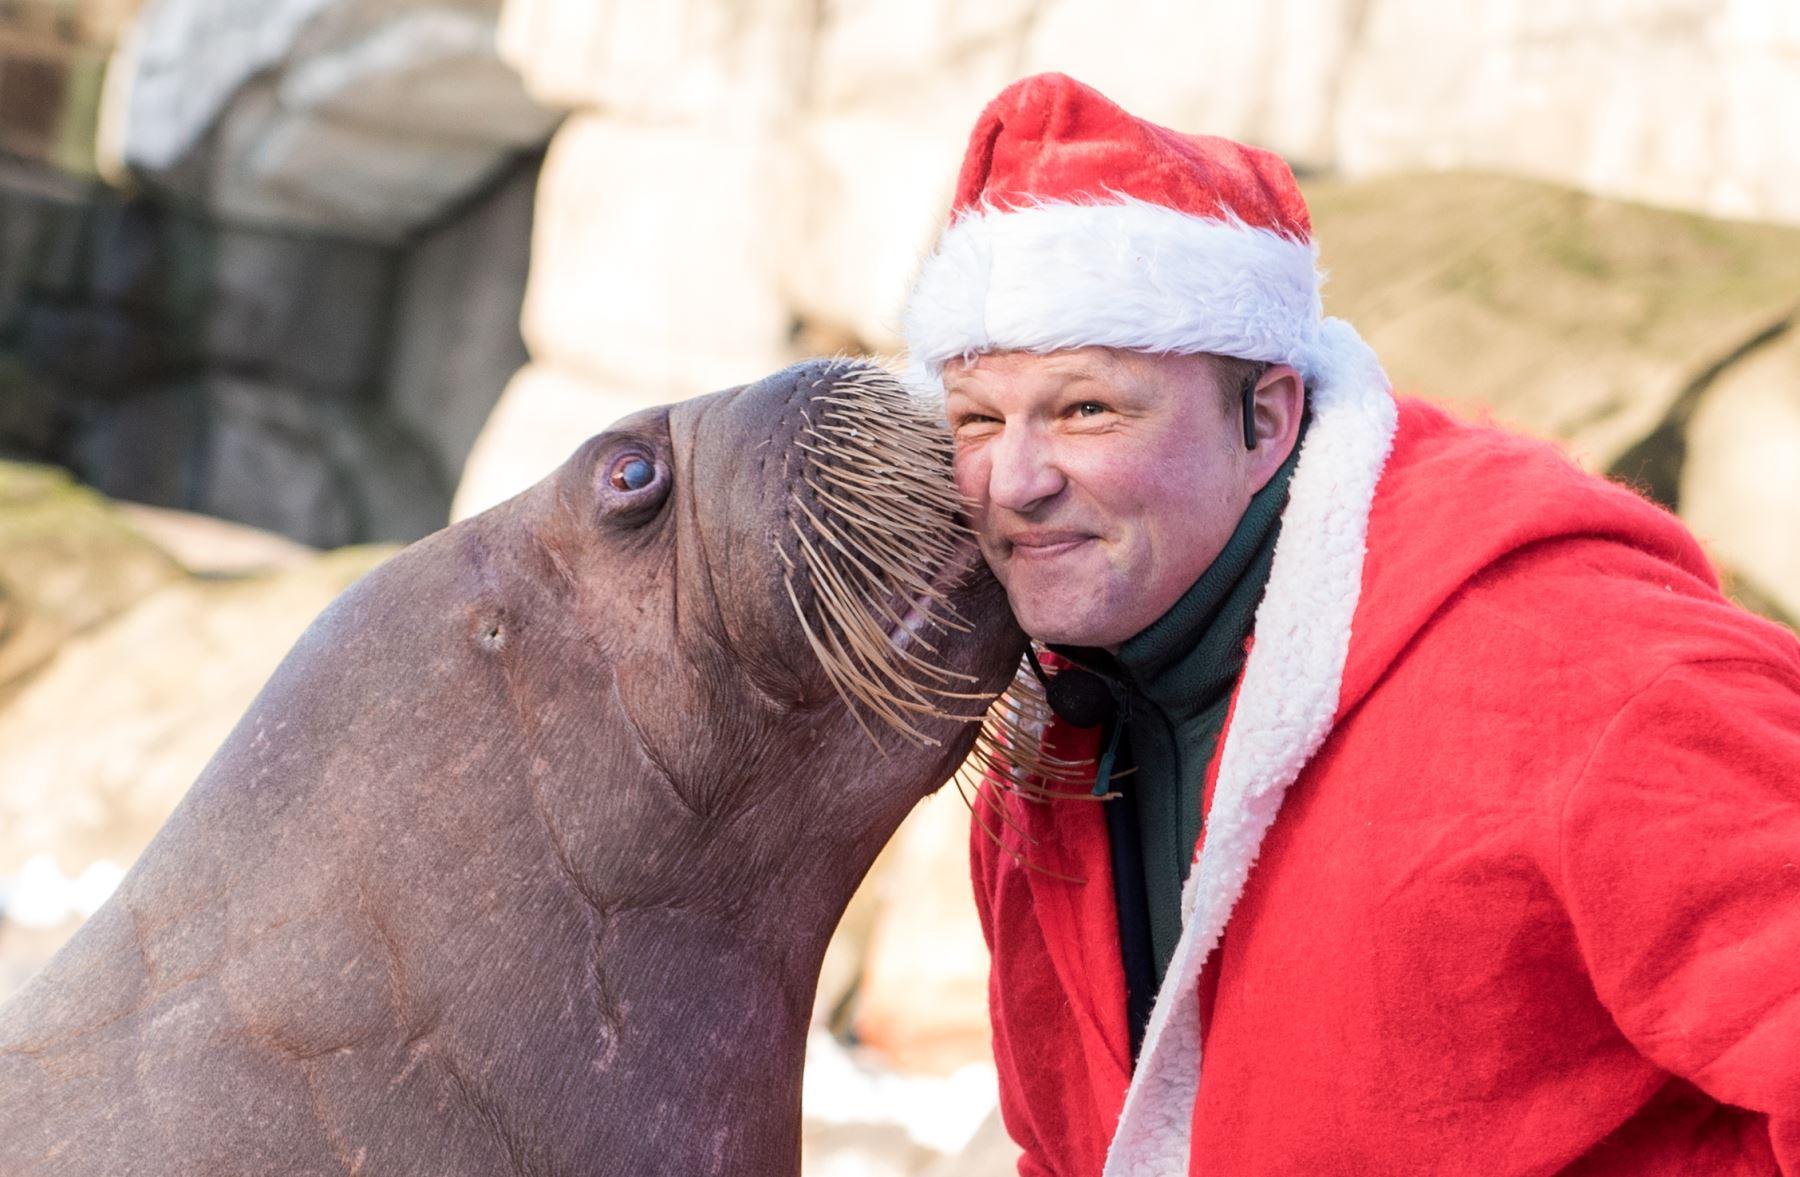 """El cuidador de animales Dirk Stutzki vestido como Papá Noel es """"besado"""" por una morsa en el zoológico Hagenbecks Tierpark en Hamburgo, norte de Alemania. AFP"""